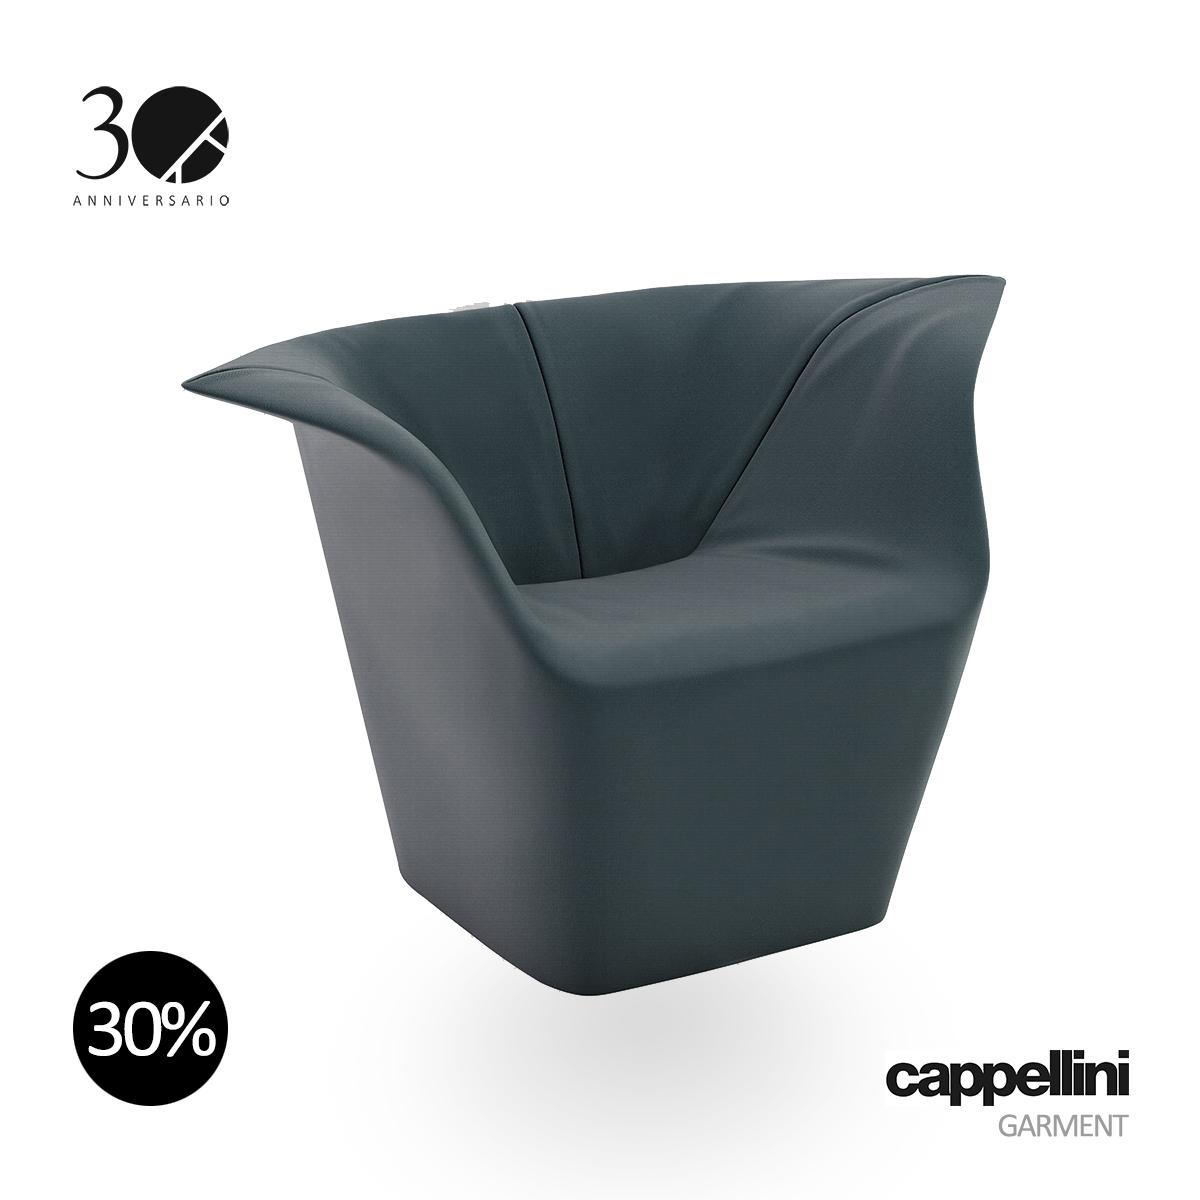 CAPPELLINI - GARMENT